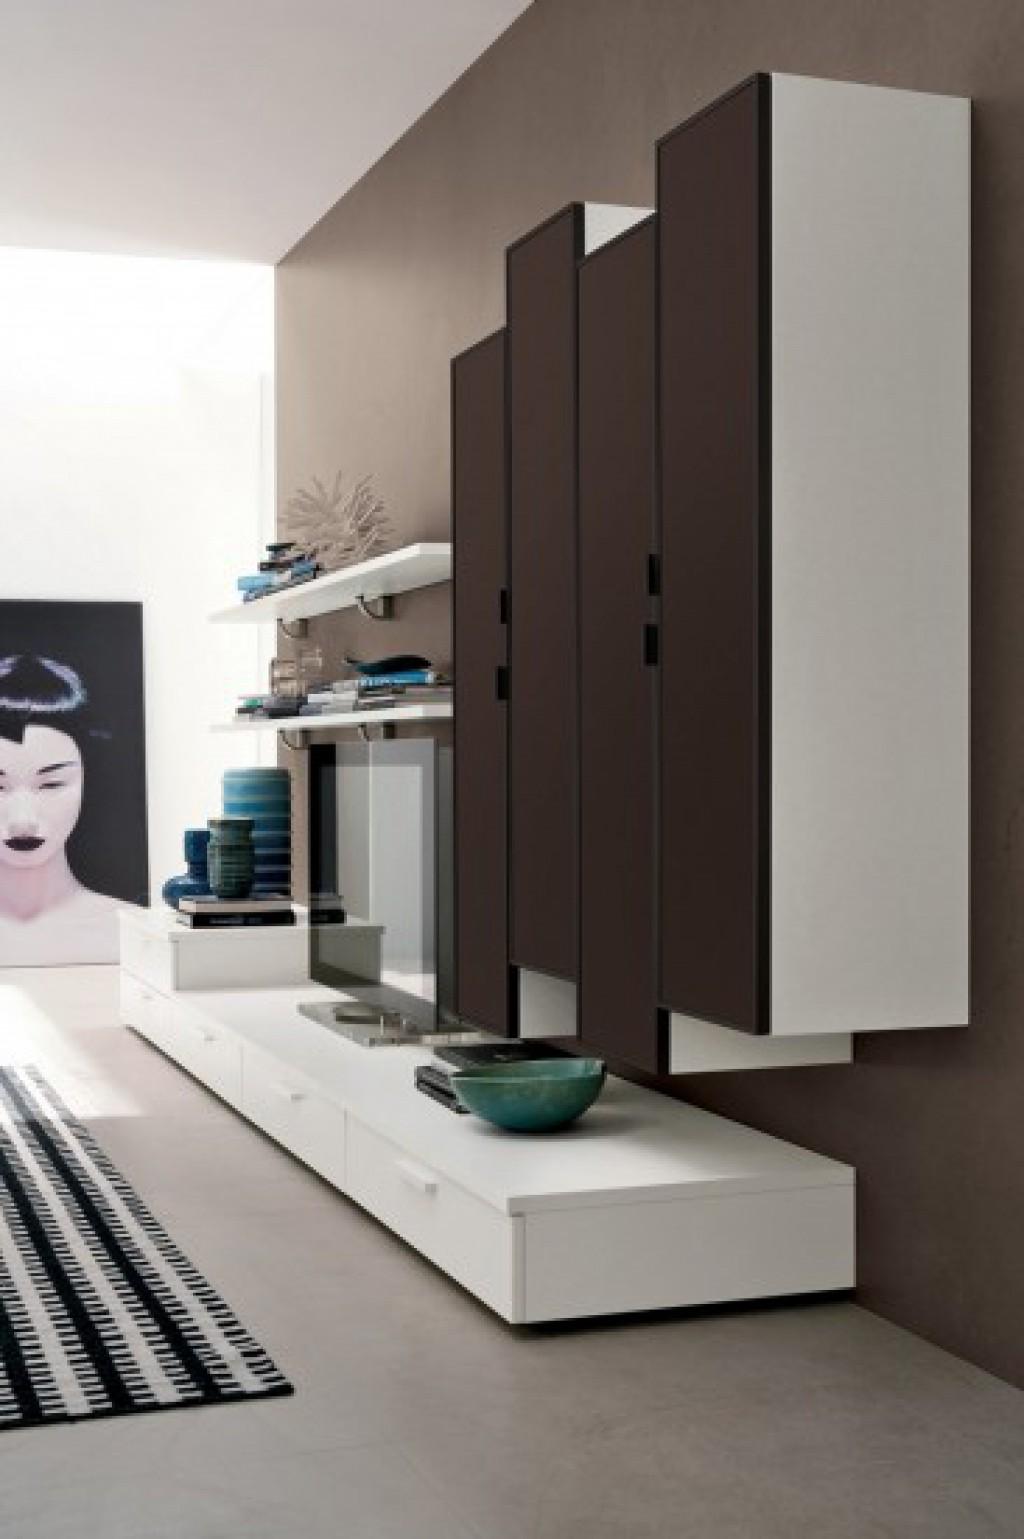 Mobili Soggiorno Di Qualita : Soggiorno moderno oc l cucine mobili di qualità al